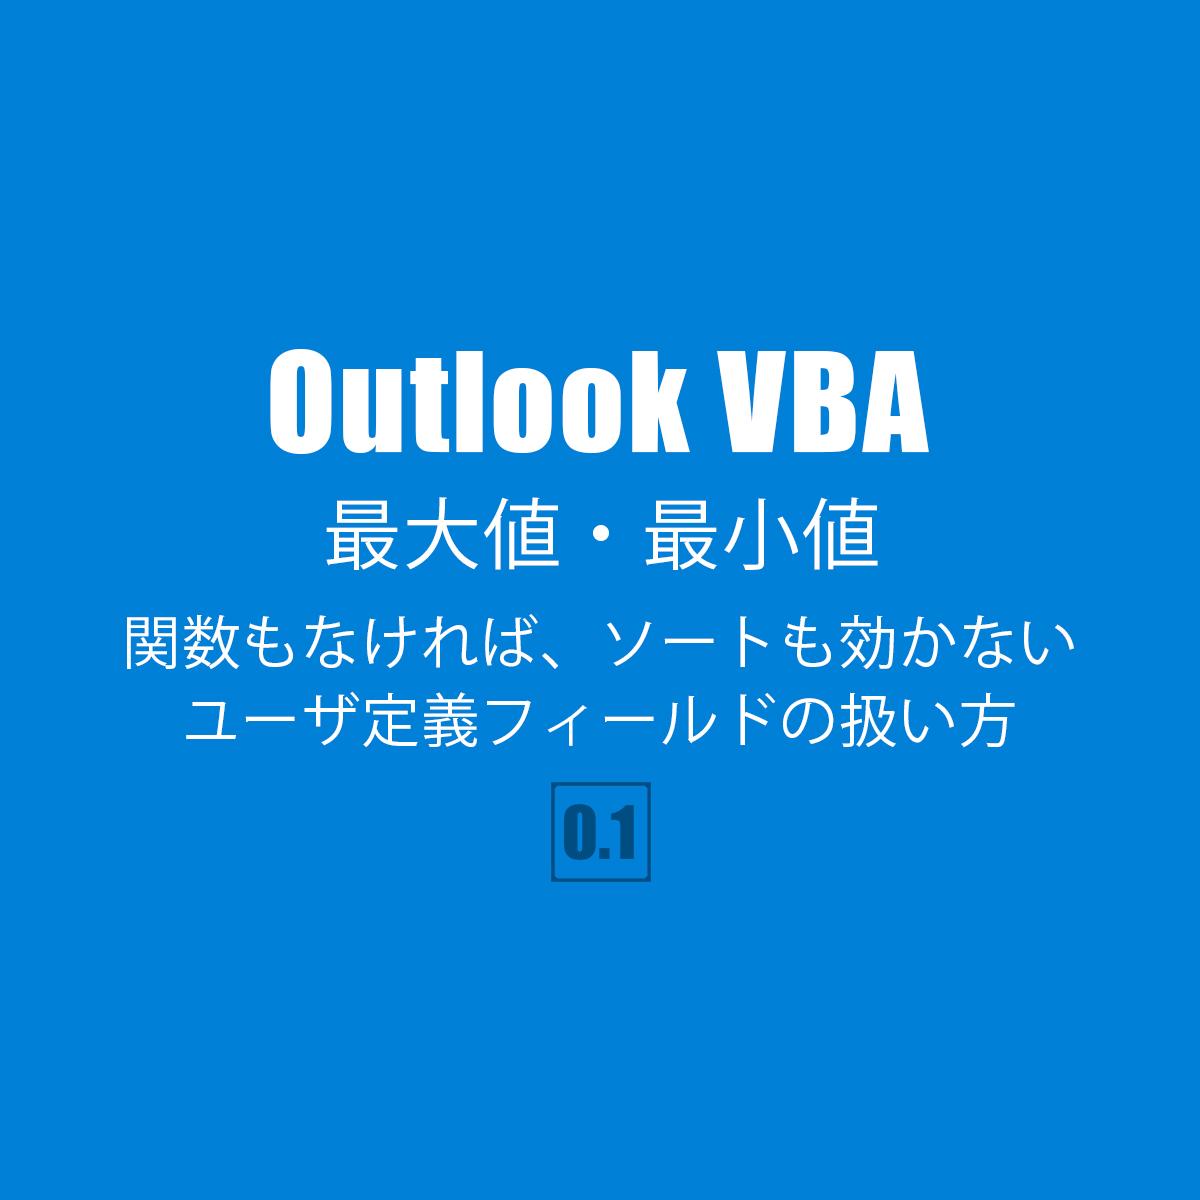 【Outlook VBA】ユーザ定義フィールドの最大値(最小値)を見つける